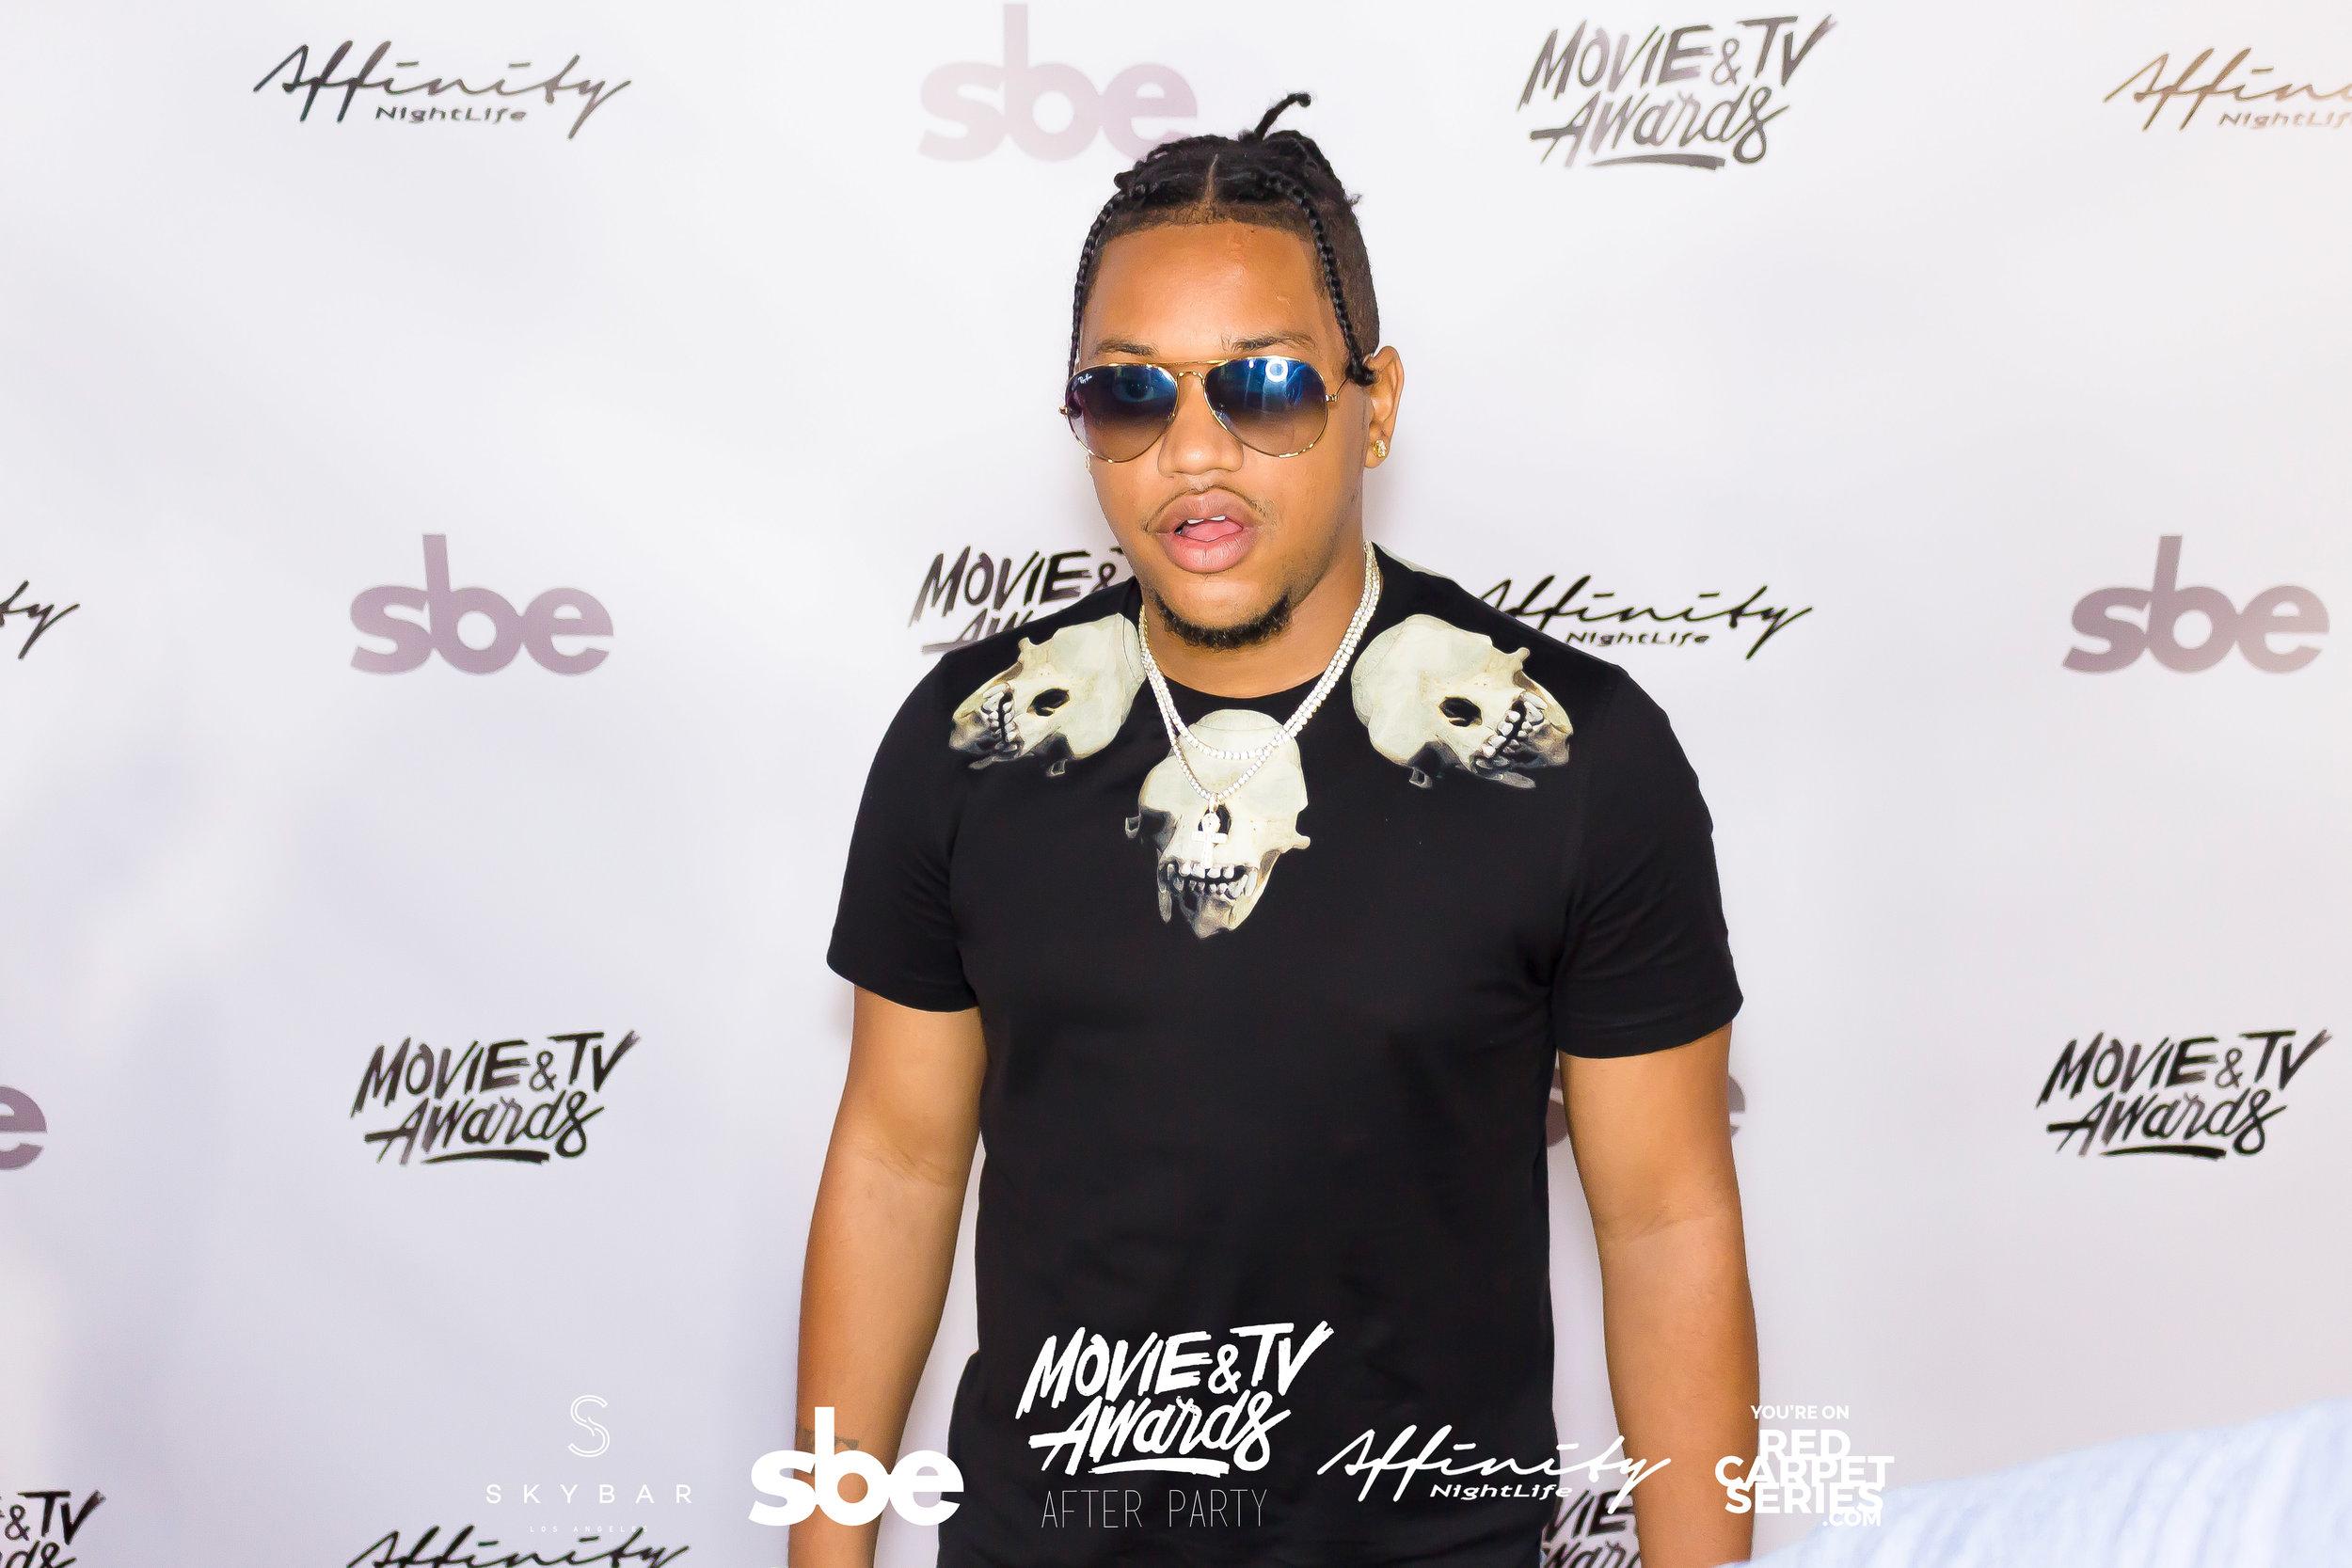 Affinity Nightlife MTV Movie & TV Awards After Party - Skybar at Mondrian - 06-15-19 - Vol. 1_145.jpg